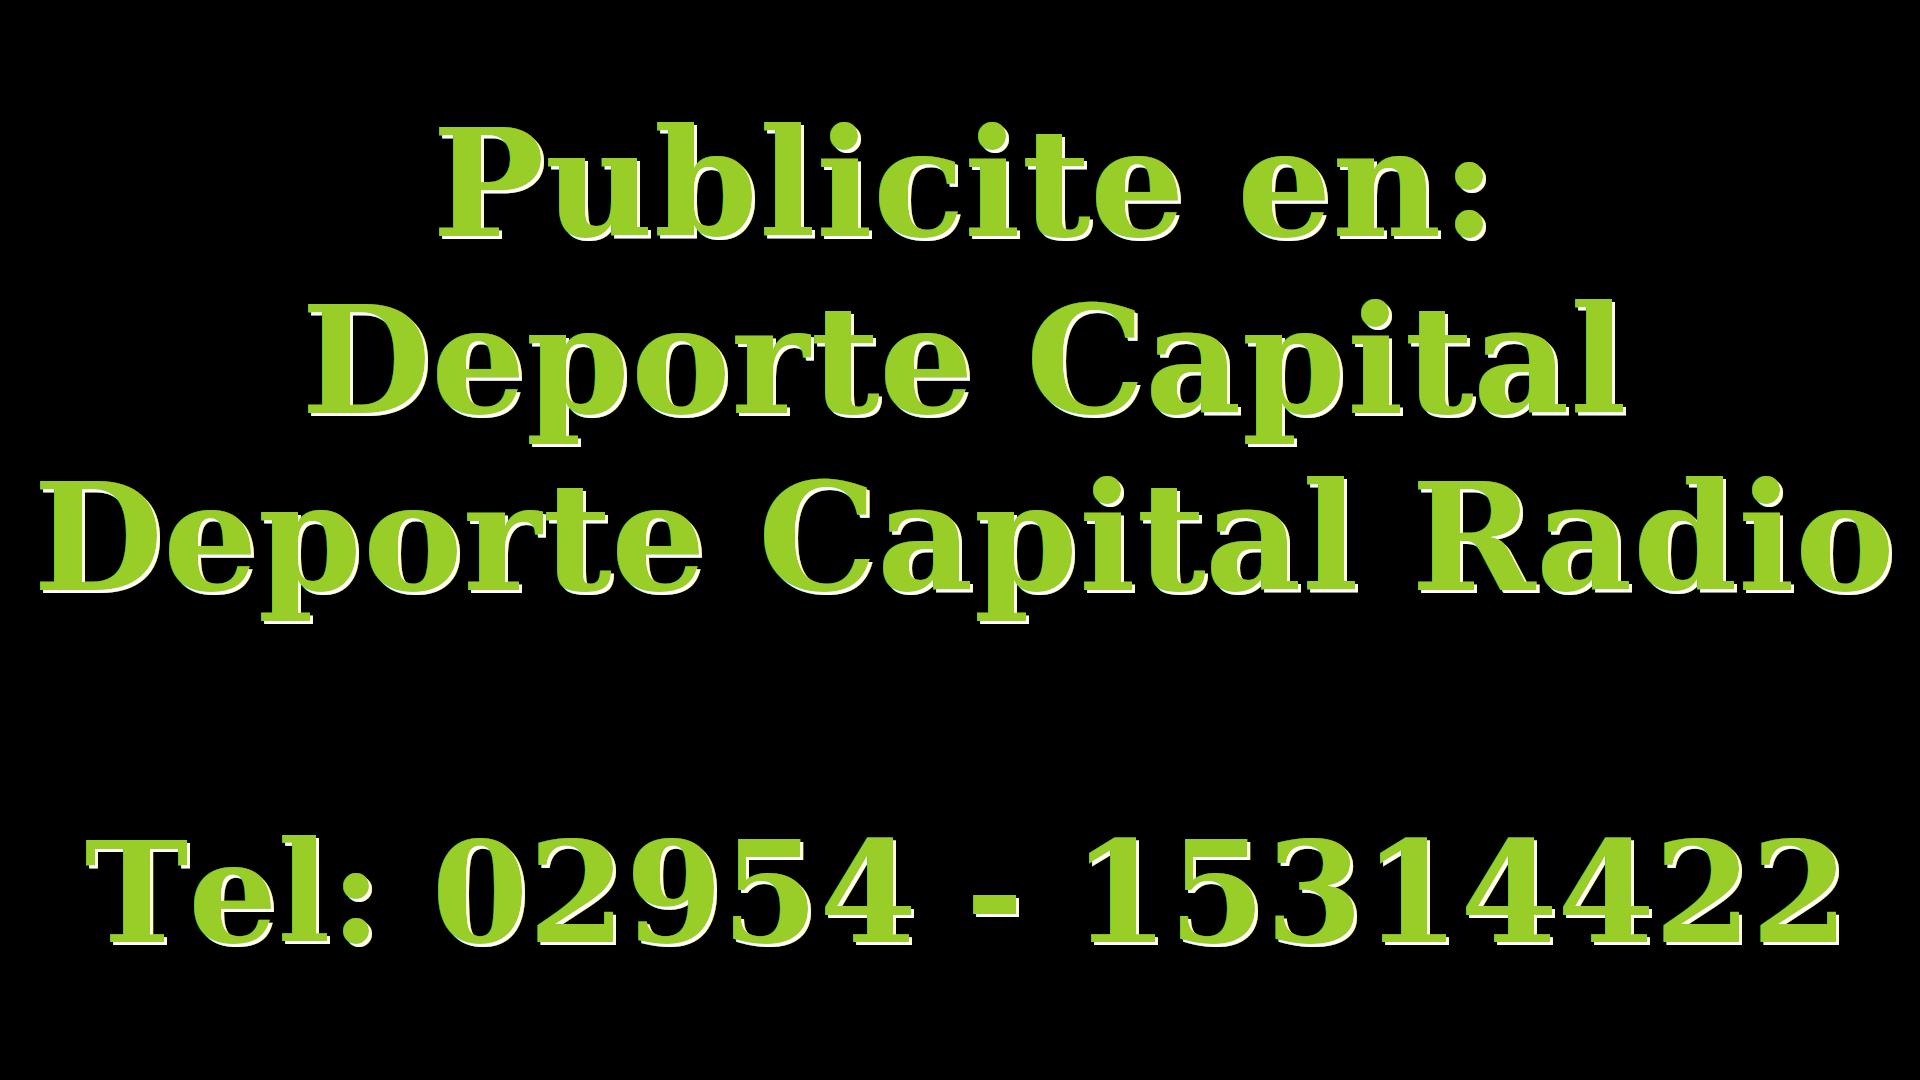 Publi Deporte capital